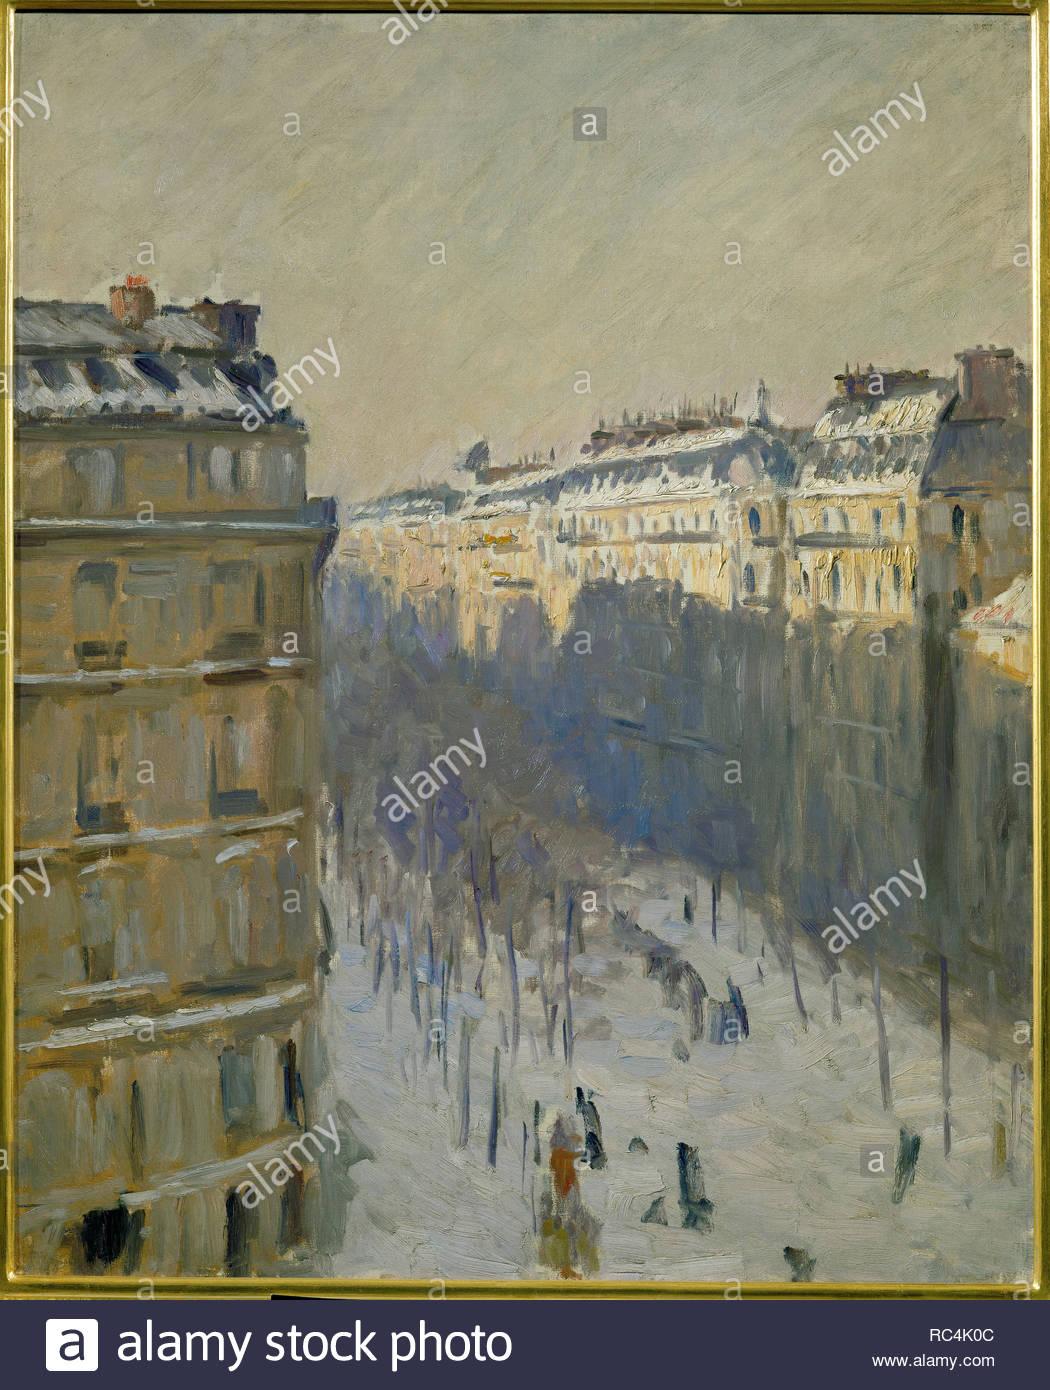 Boulevard Haussmann, effet de neige-Snow on Boulevard Haussmann, Paris, 1880 Oil on canvas, 81,5 x 65 cm. Author: CAILLEBOTTE, GUSTAVE. Location: Musee du Chateau, Flers, France. - Stock Image